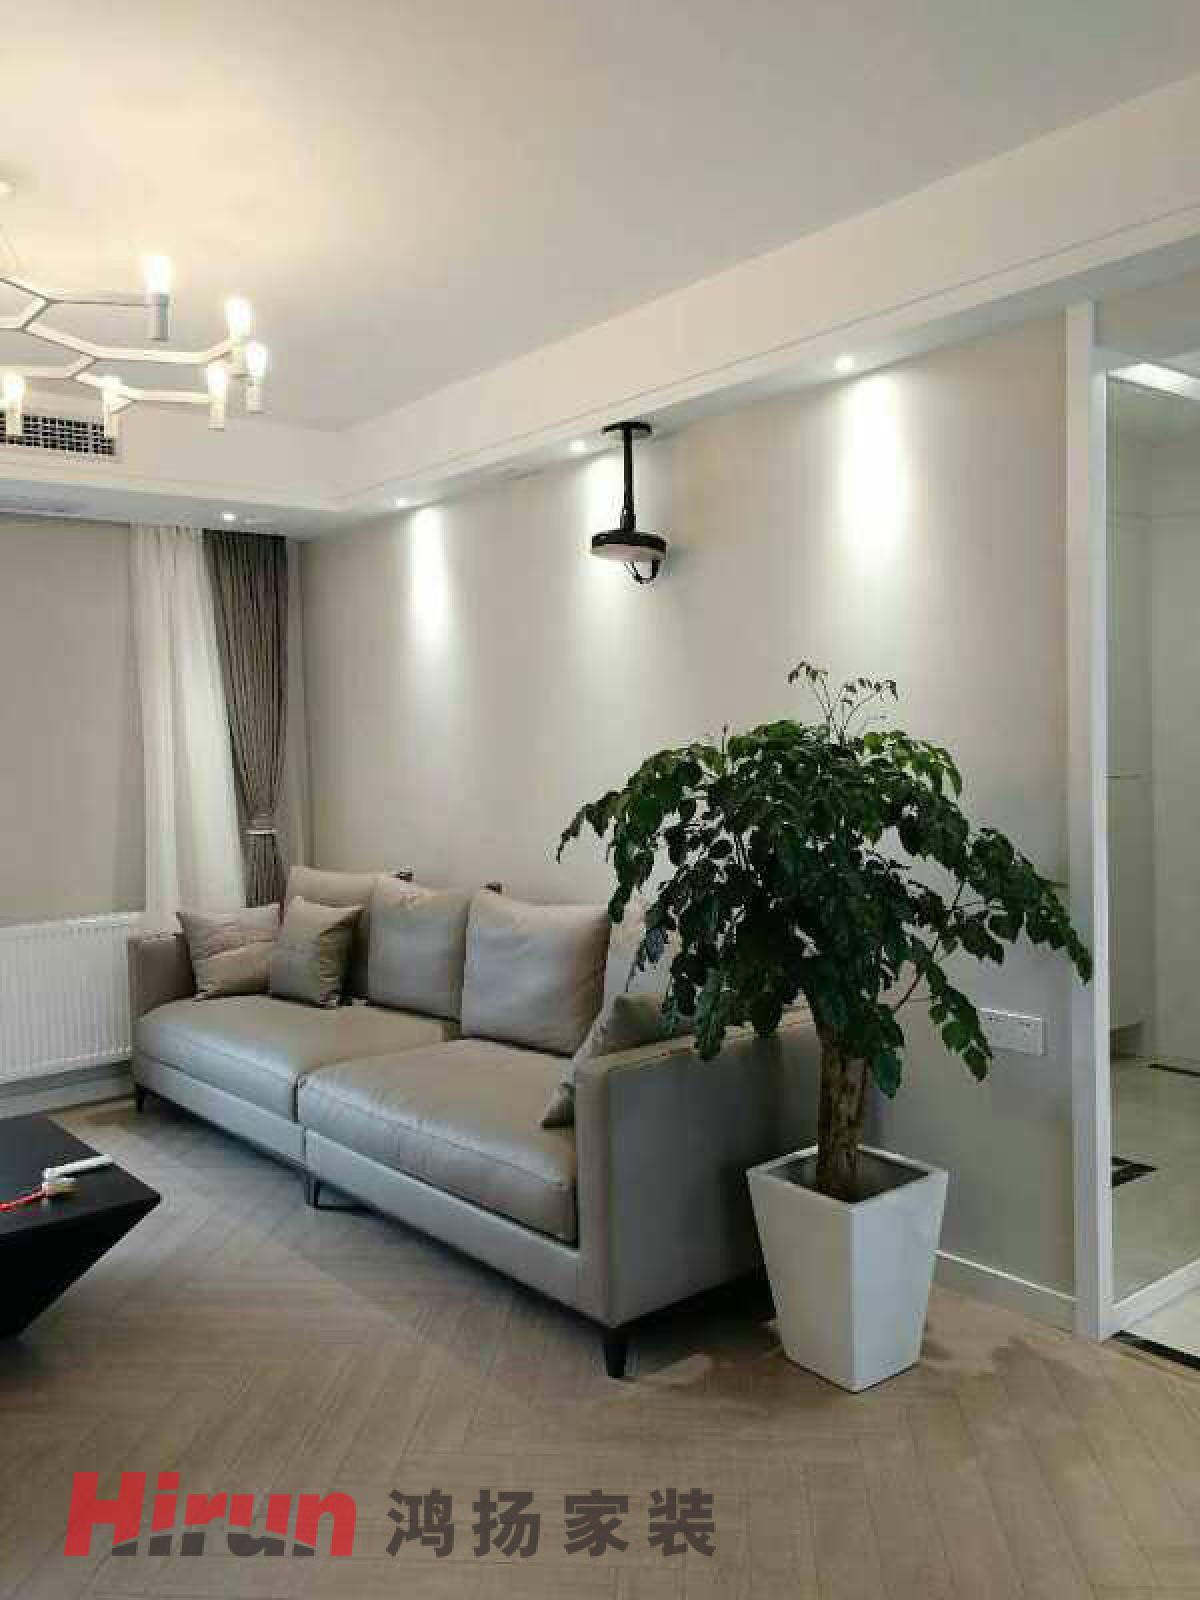 白色为主的现代简洁的电视背景墙,造型简洁的黑色,灰色的现代家具. 灰色为主的现代简洁的墙地面.